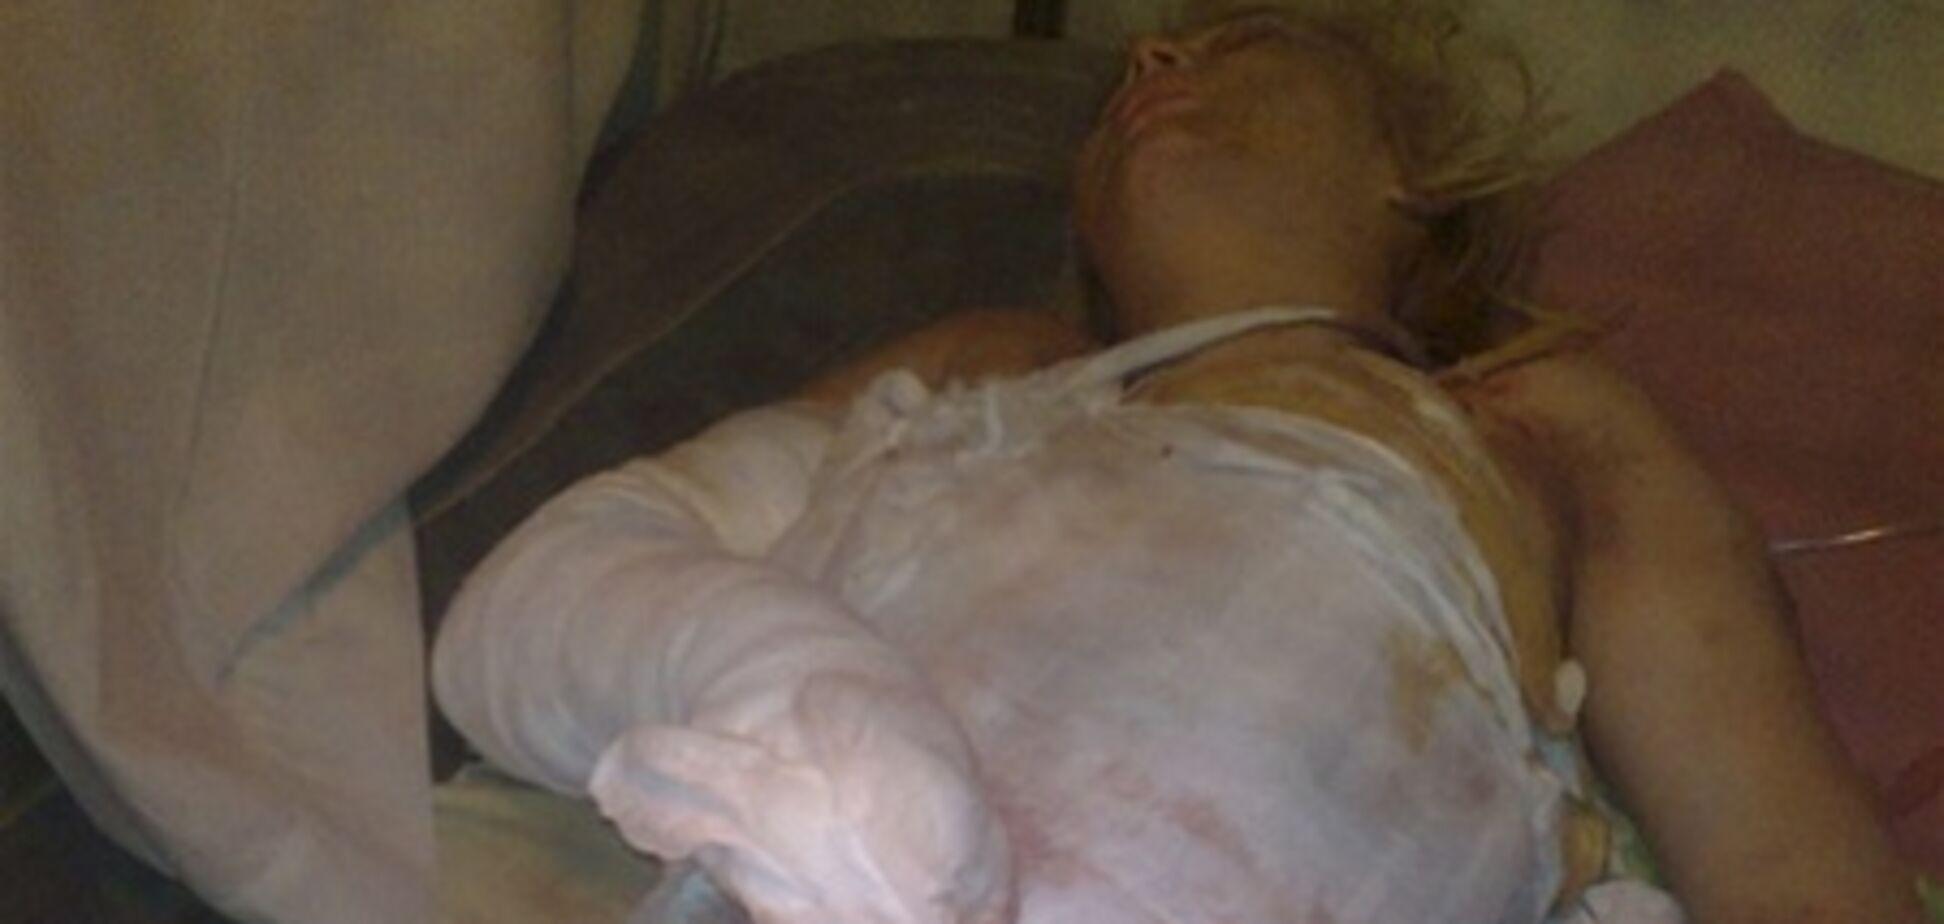 Изнасилование в Николаеве: мать жертвы жалеет об отмене смертной казни